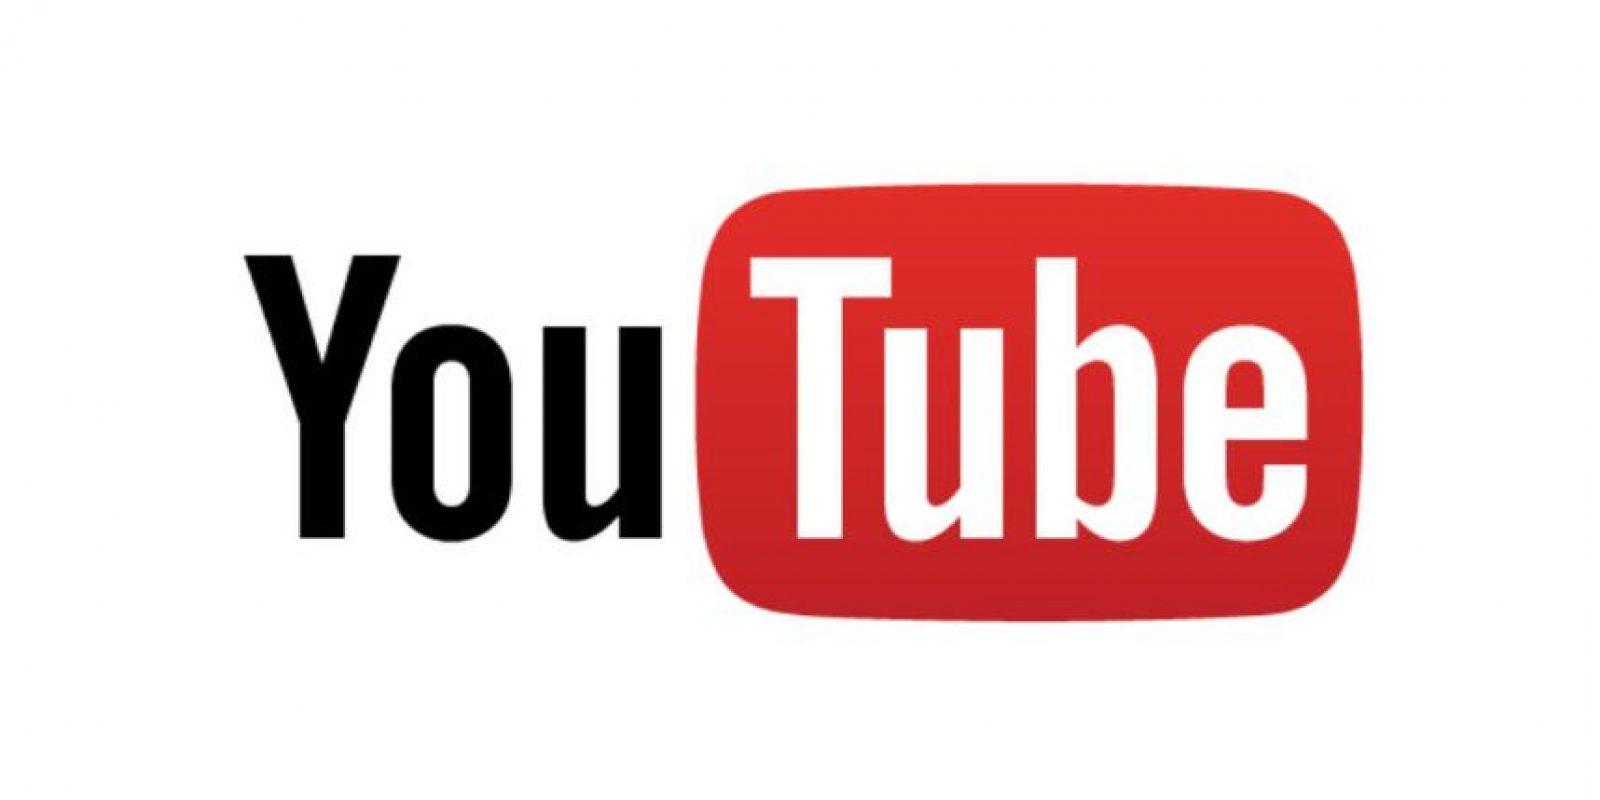 YouTube fue fundado en 2005. Foto:YouTube